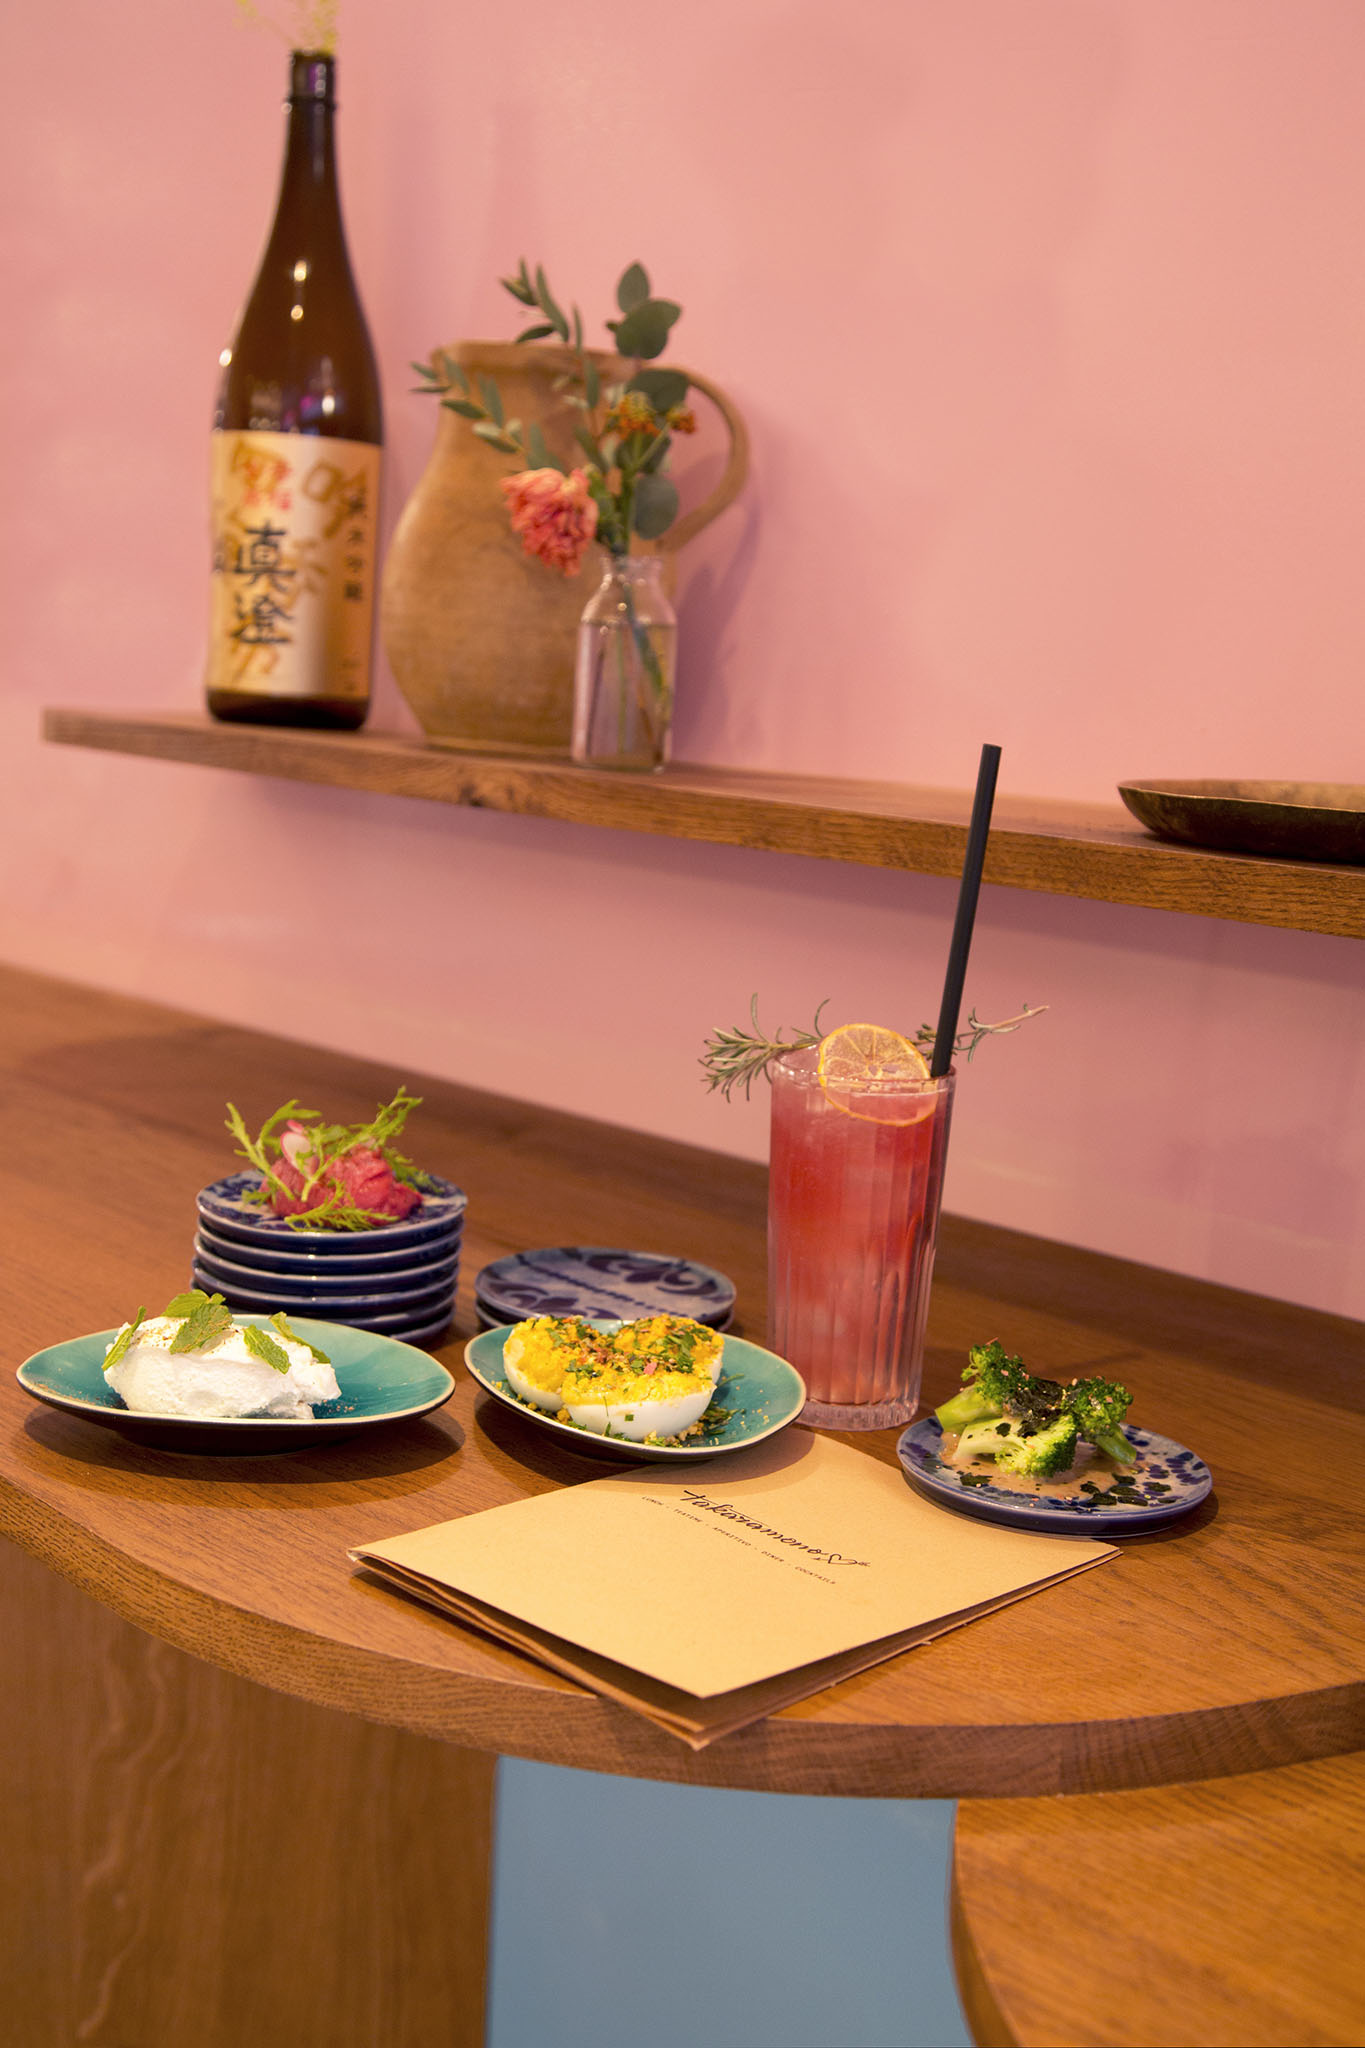 A selection of dishes at Takaramono